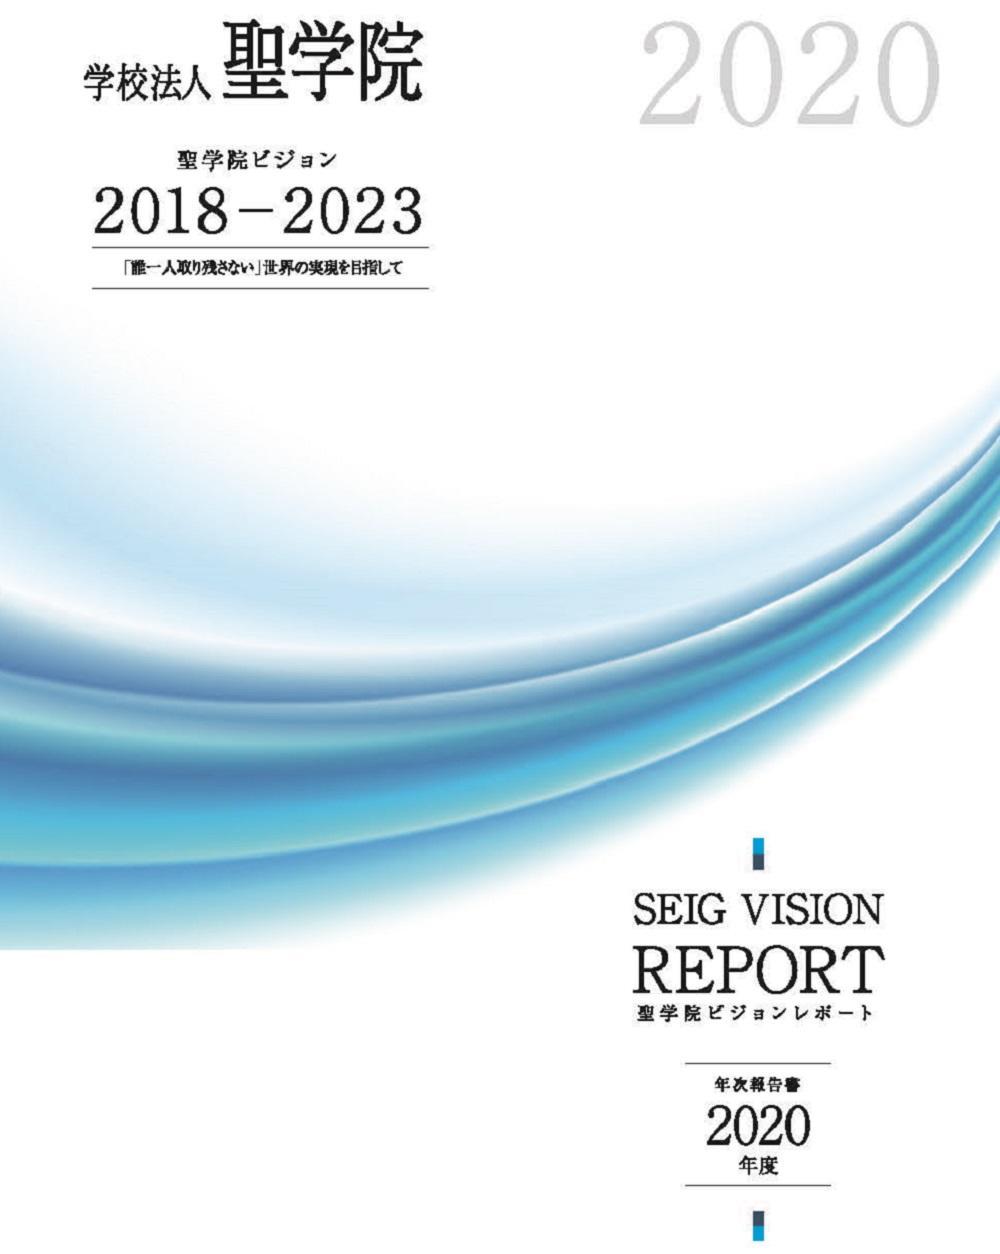 学校法人聖学院 中期計画「聖学院ビジョン」年次報告書2020発行 -- 教育開発を担うプロジェクトを始動 --